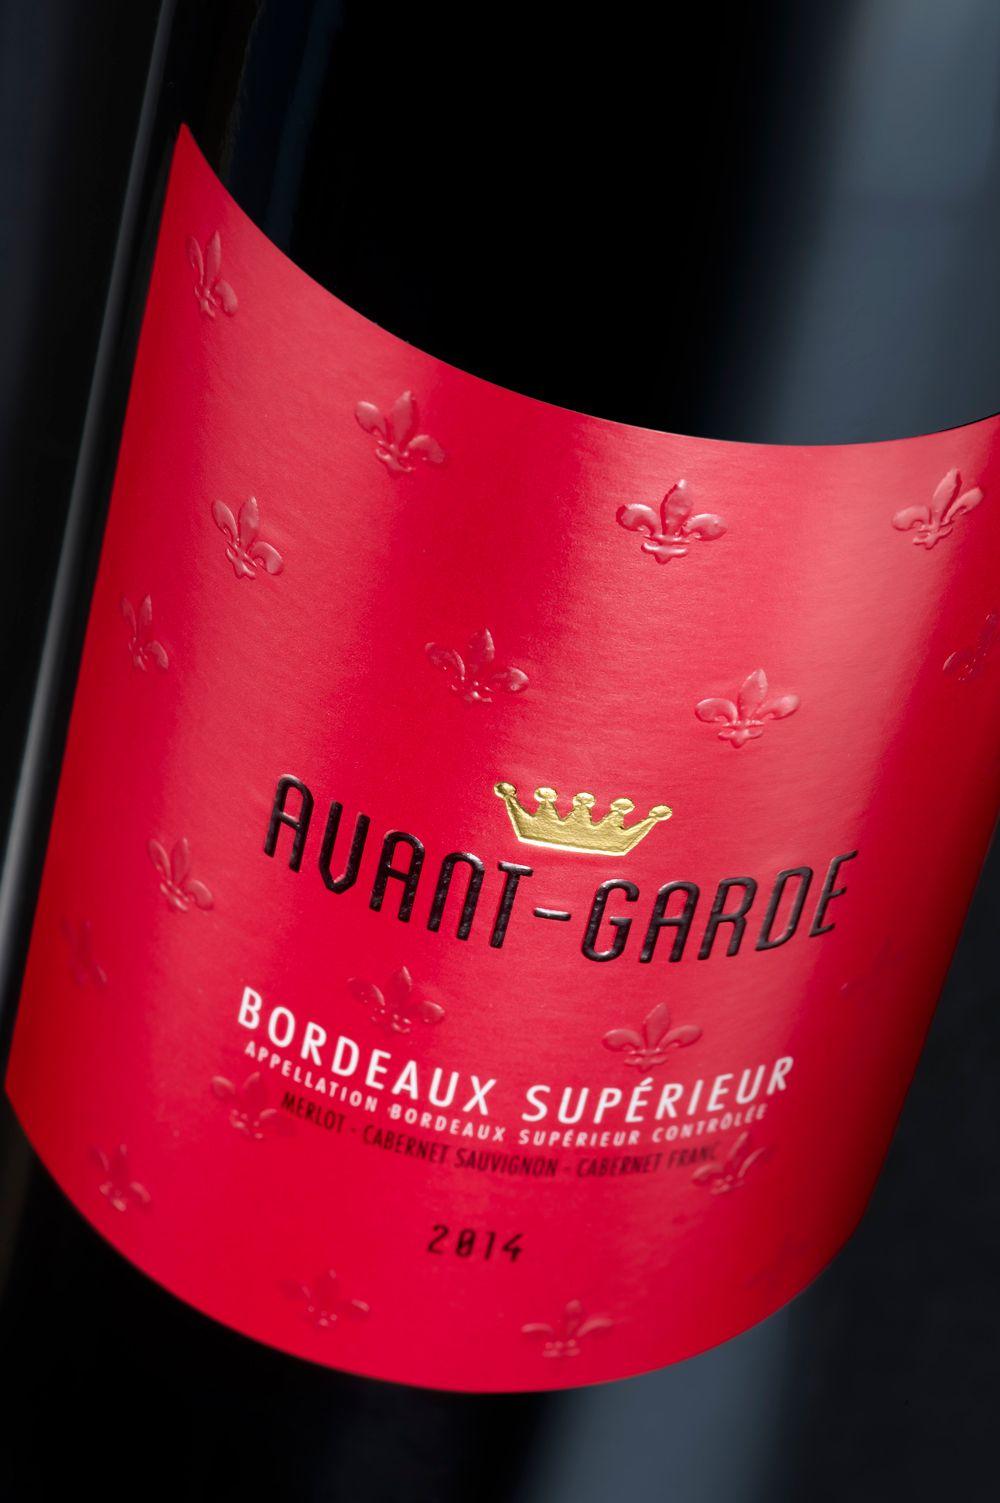 Vins De Bordeaux Avant Garde Roche D Arjac Val D Orbieu Vinadeis Packaging Design By Lineadesigners Vins Et Spiritueux Bouteille De Vin Packaging